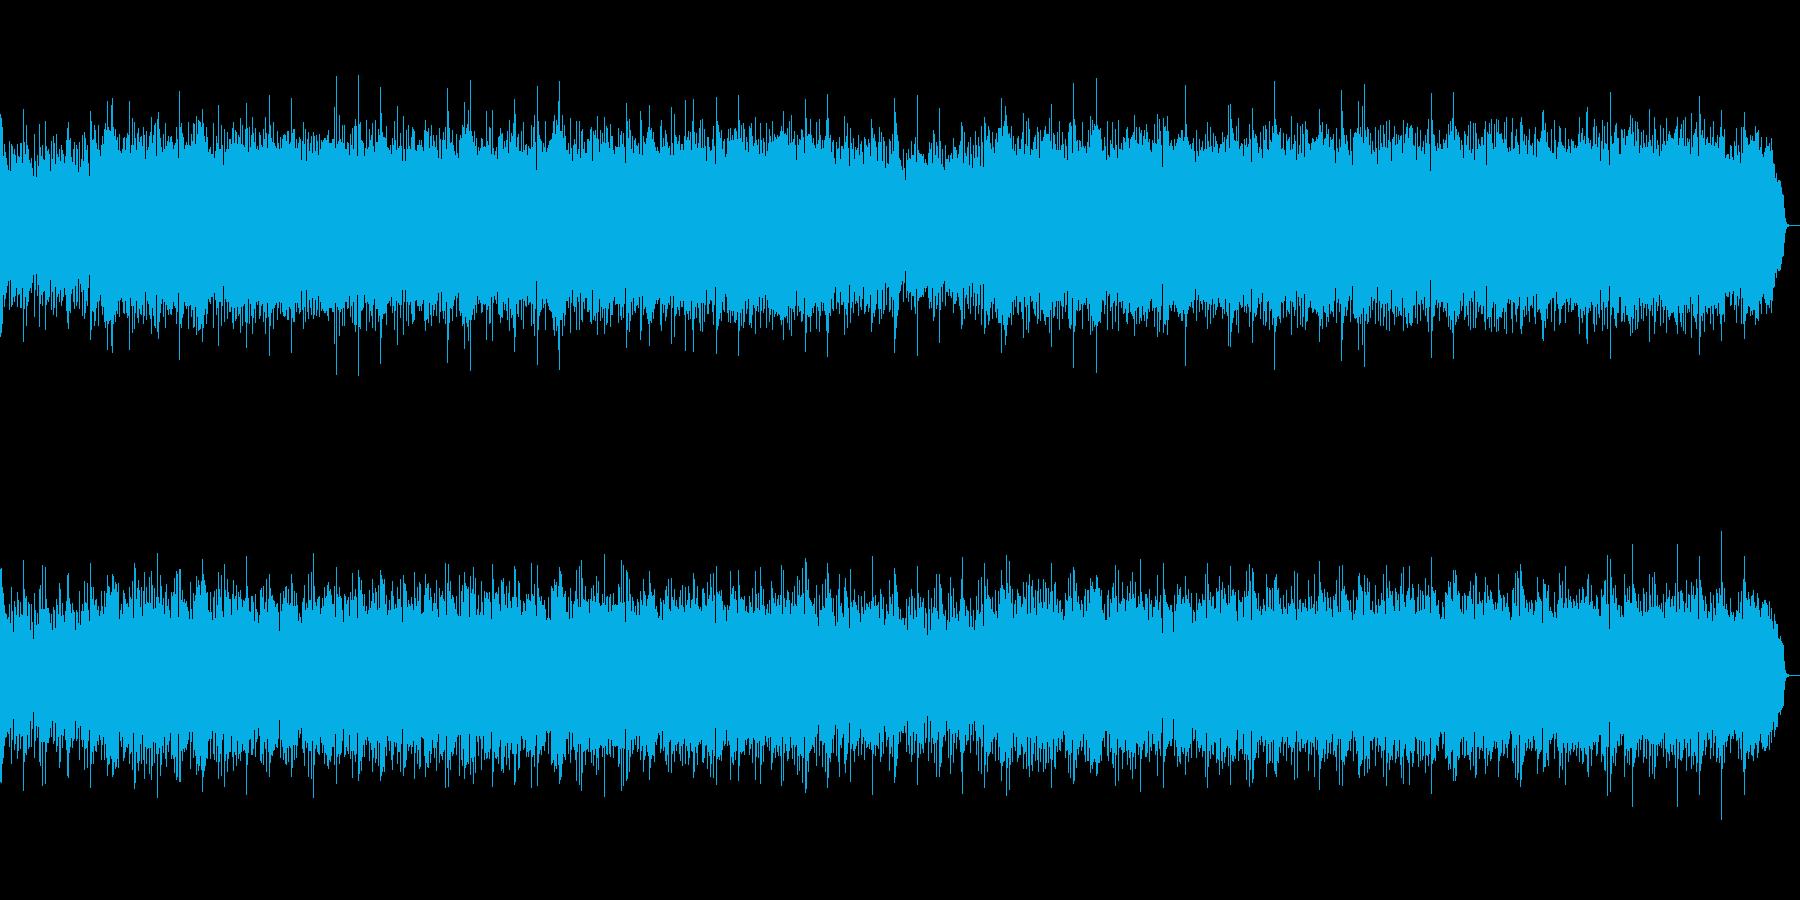 心にしみ入る穏やかな弦楽合奏ポップスの再生済みの波形